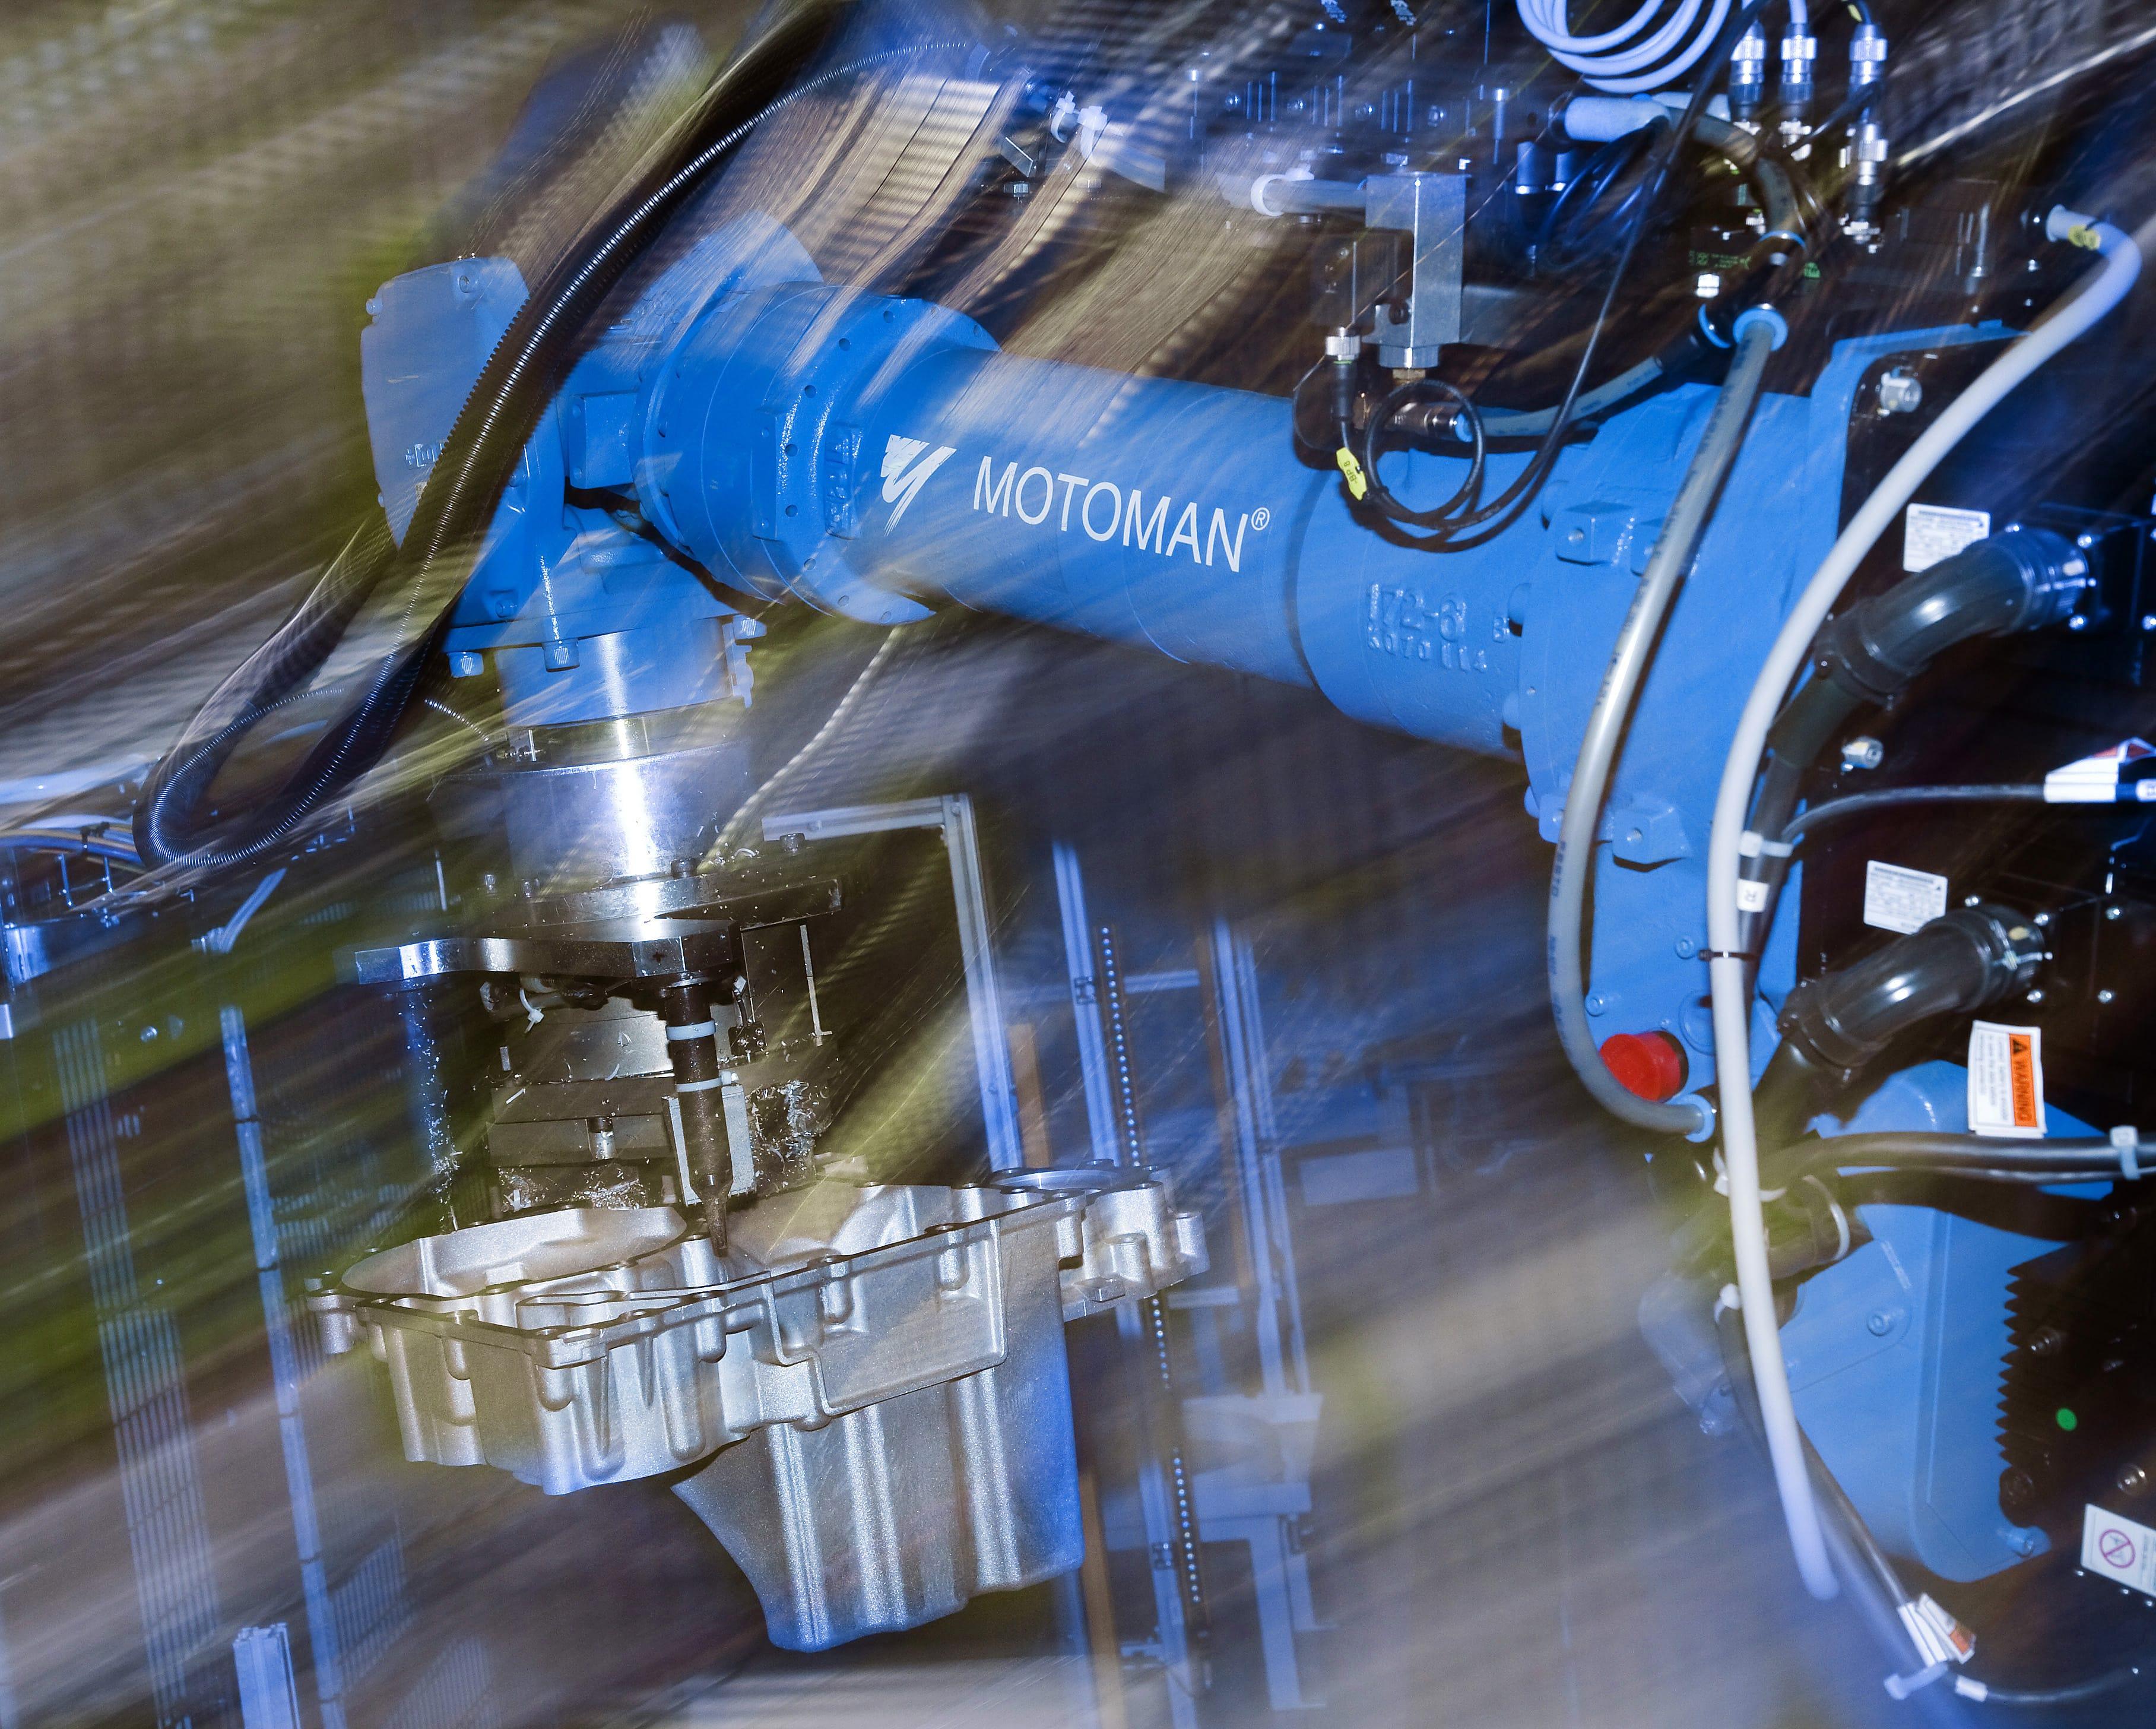 Yaskawa Deburring Robot in Action